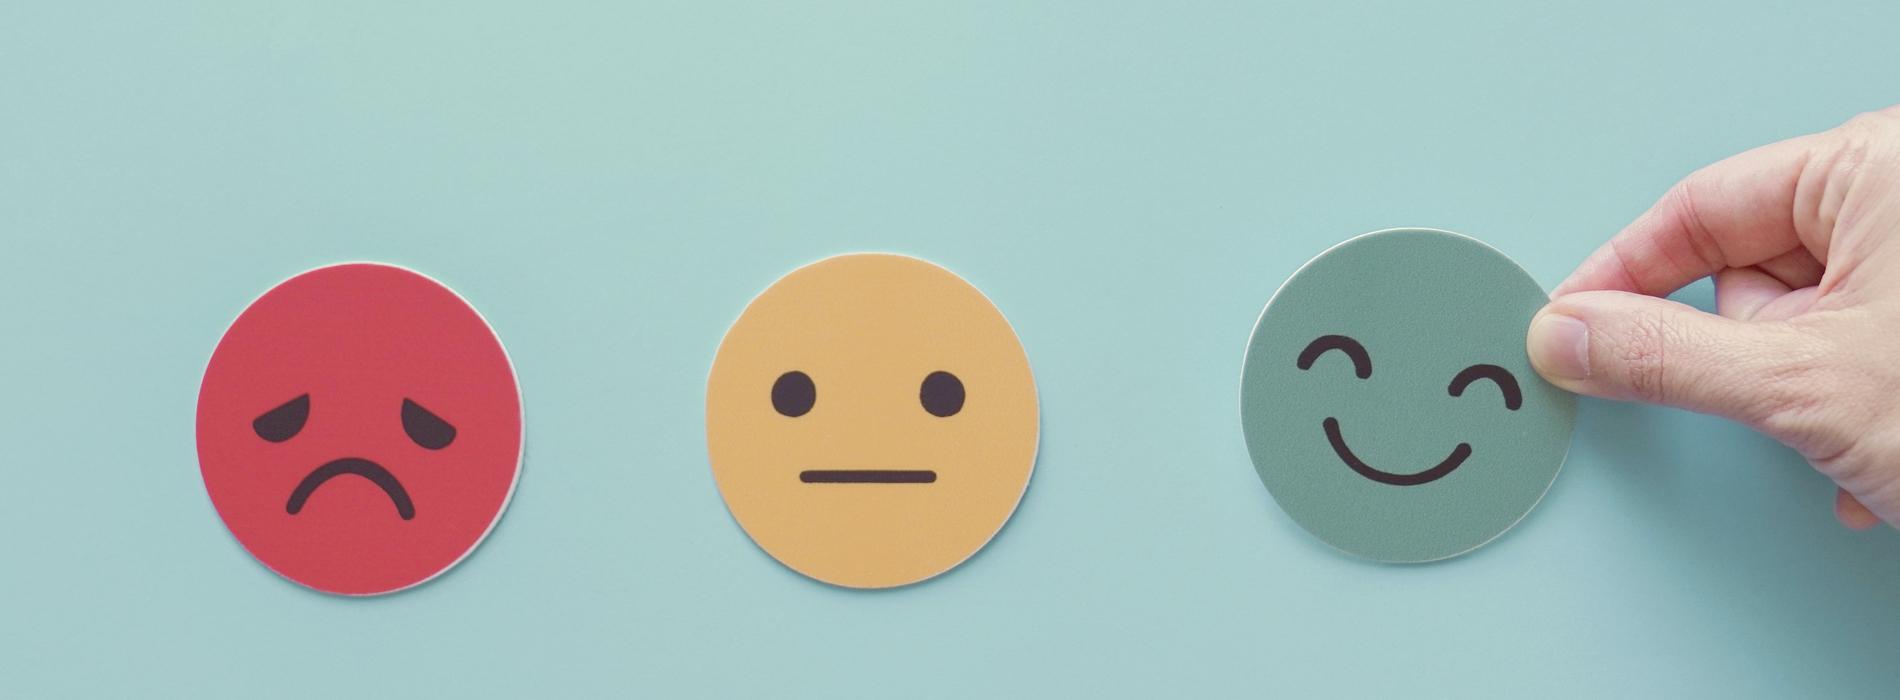 shutterstock 1801474633 2 Relatie-expert Ruud de Goeij over waarom het geven van complimenten zo belangrijk is